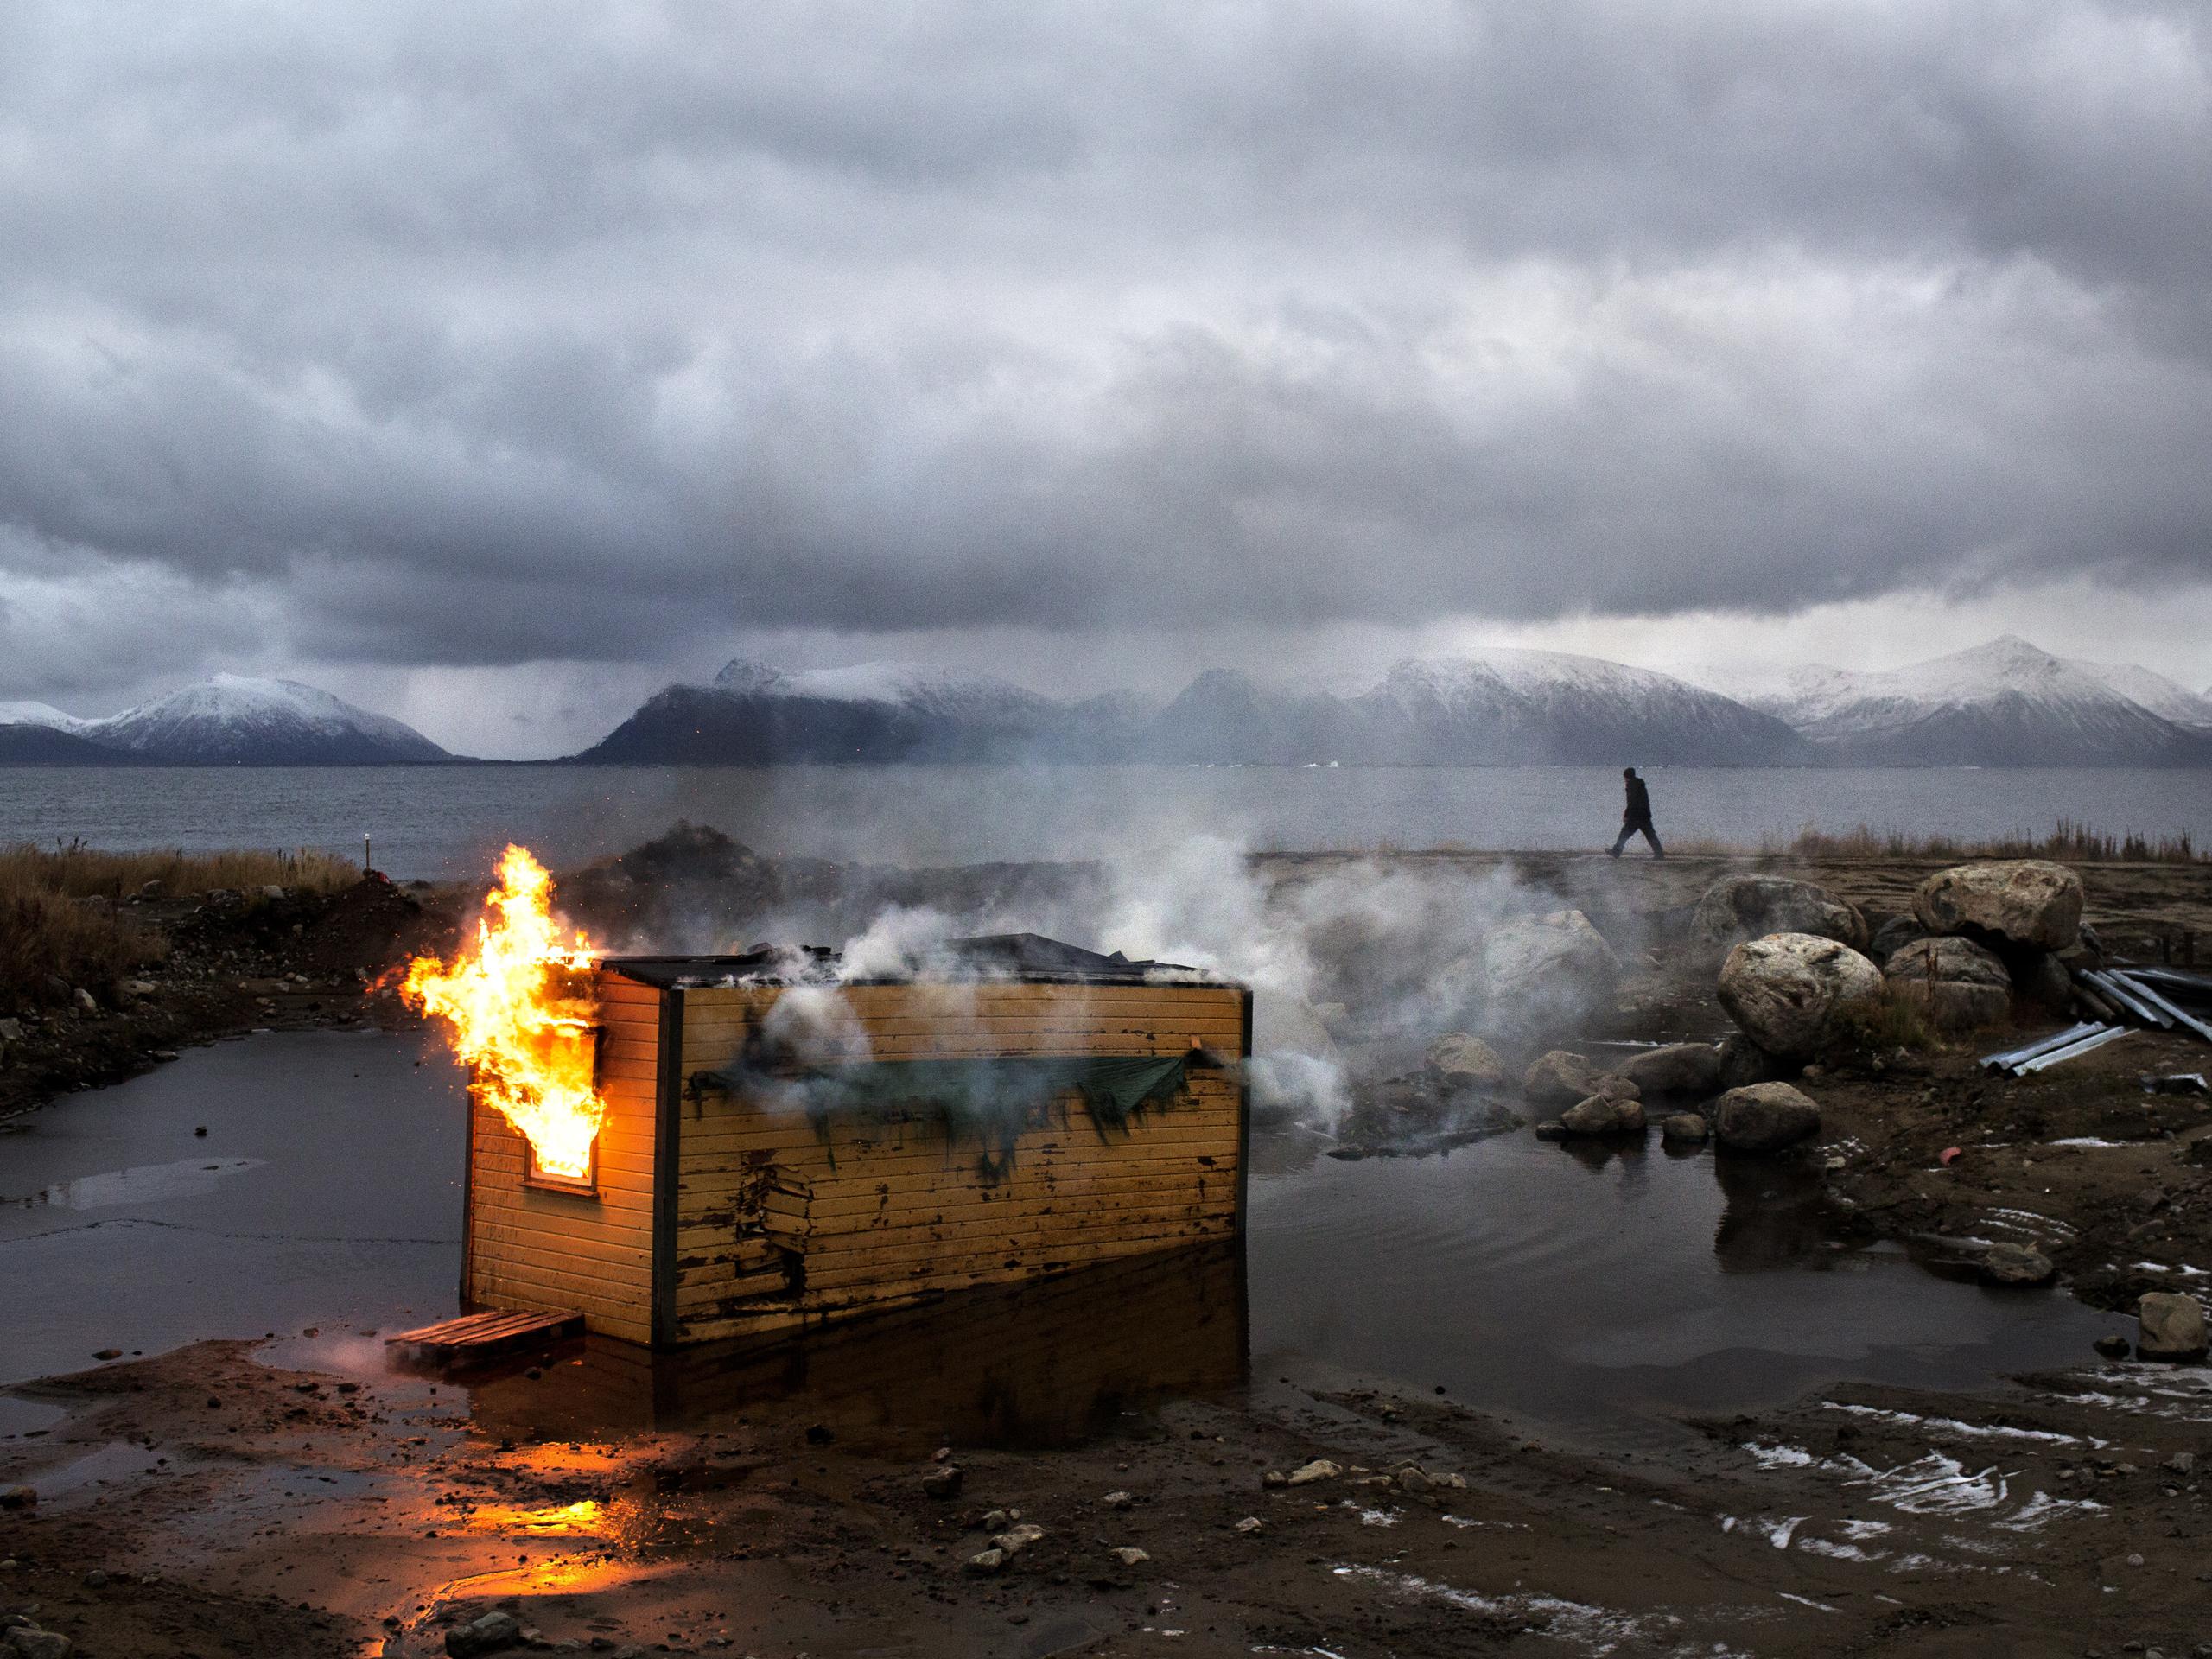 Old barracks set on fire to make way for a car racing track. Village of Klo. 2012, Vesterålen, Norway.